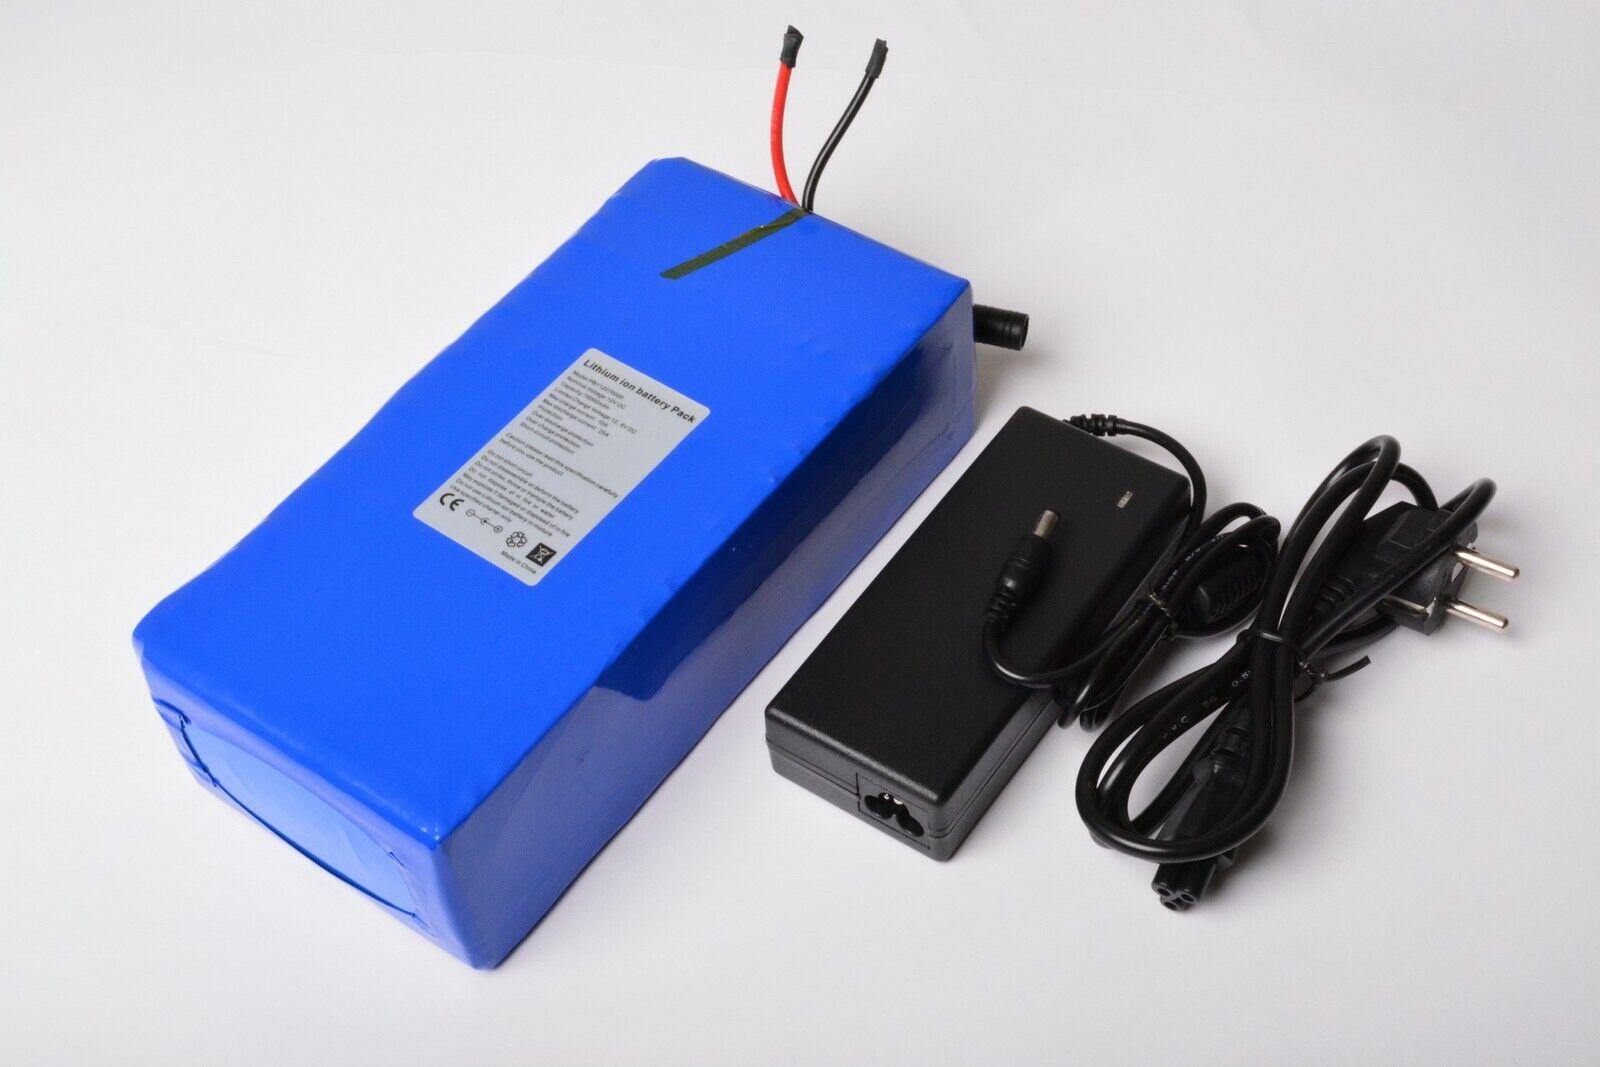 Paket Batterie 12 Volt 70000mAh 70Ah 12V Wiederaufladbare Hoch Qualität' Lithium